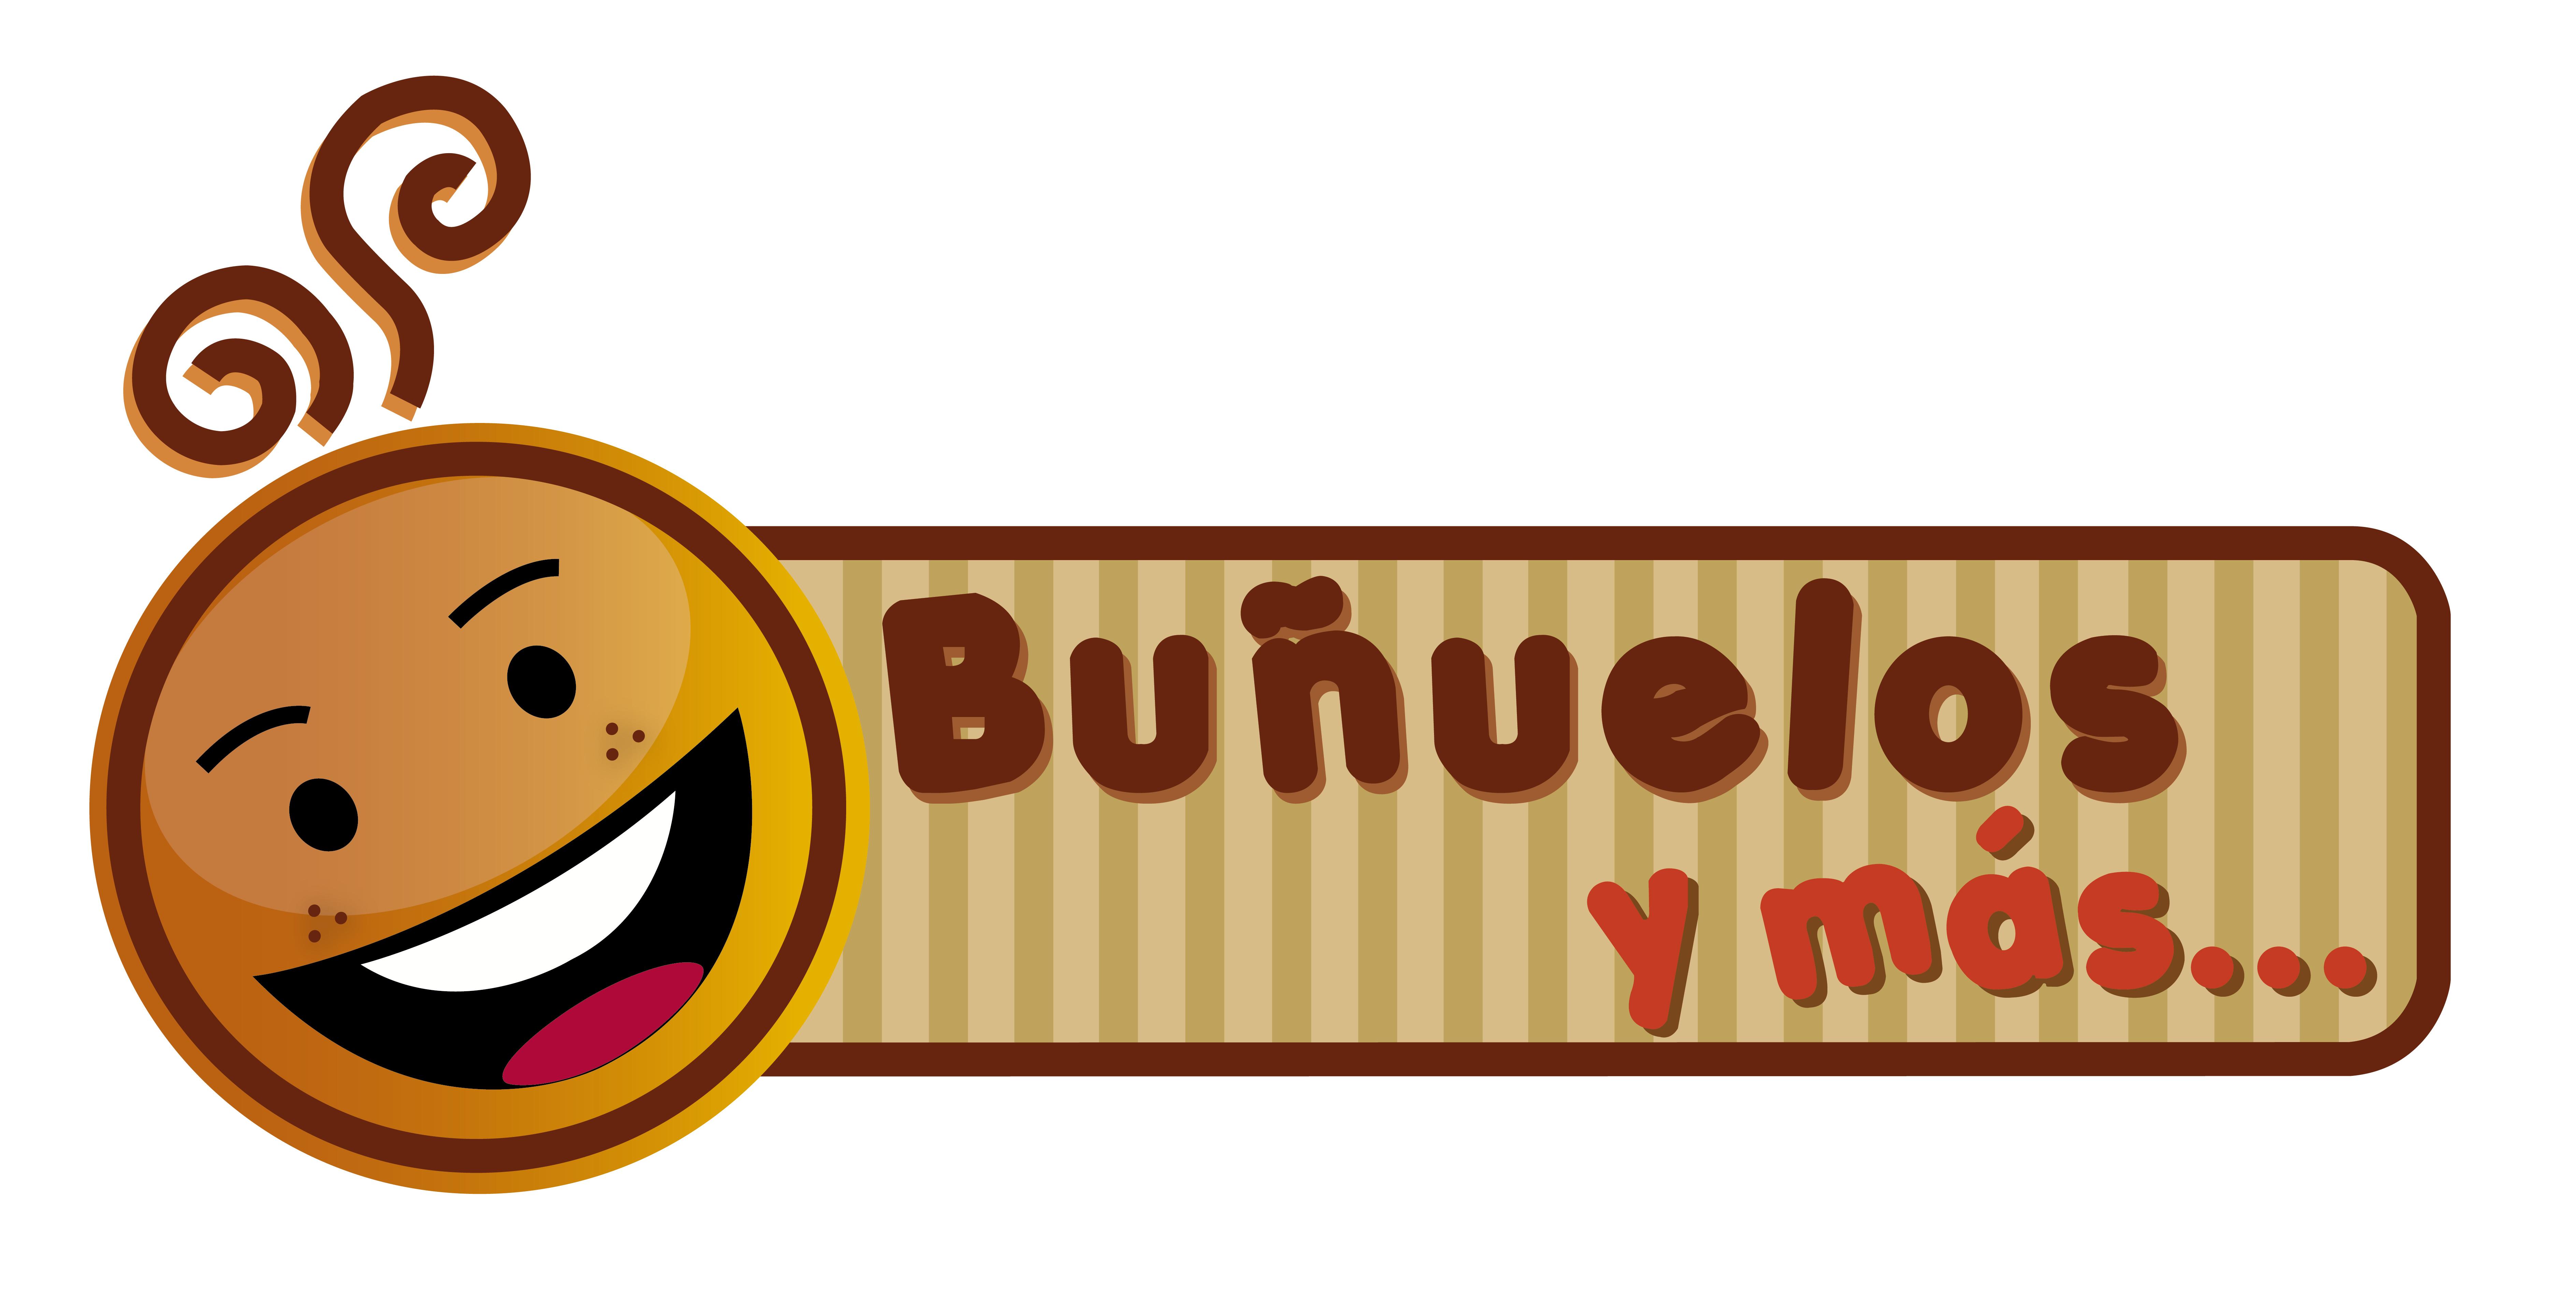 Logo bu%c3%b1uelos y m%c3%a1s